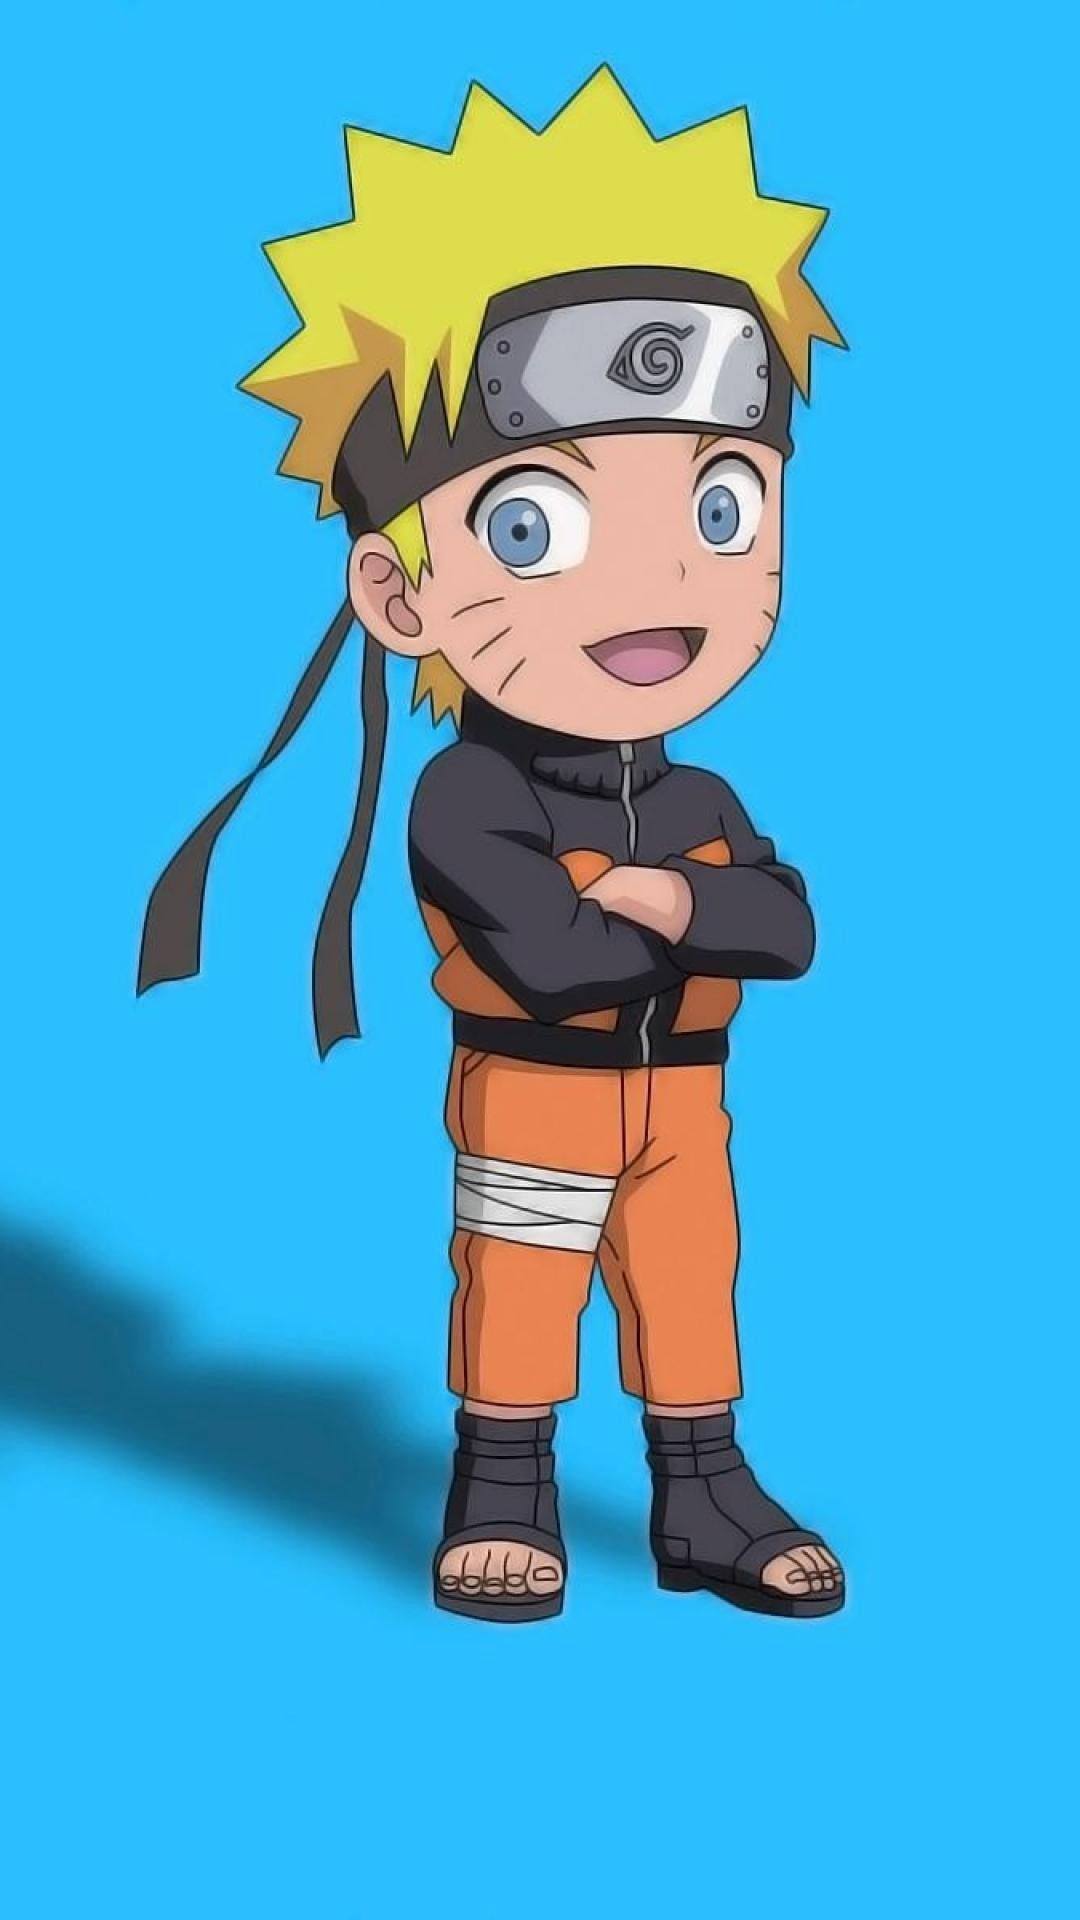 Naruto Shippuden Naruto